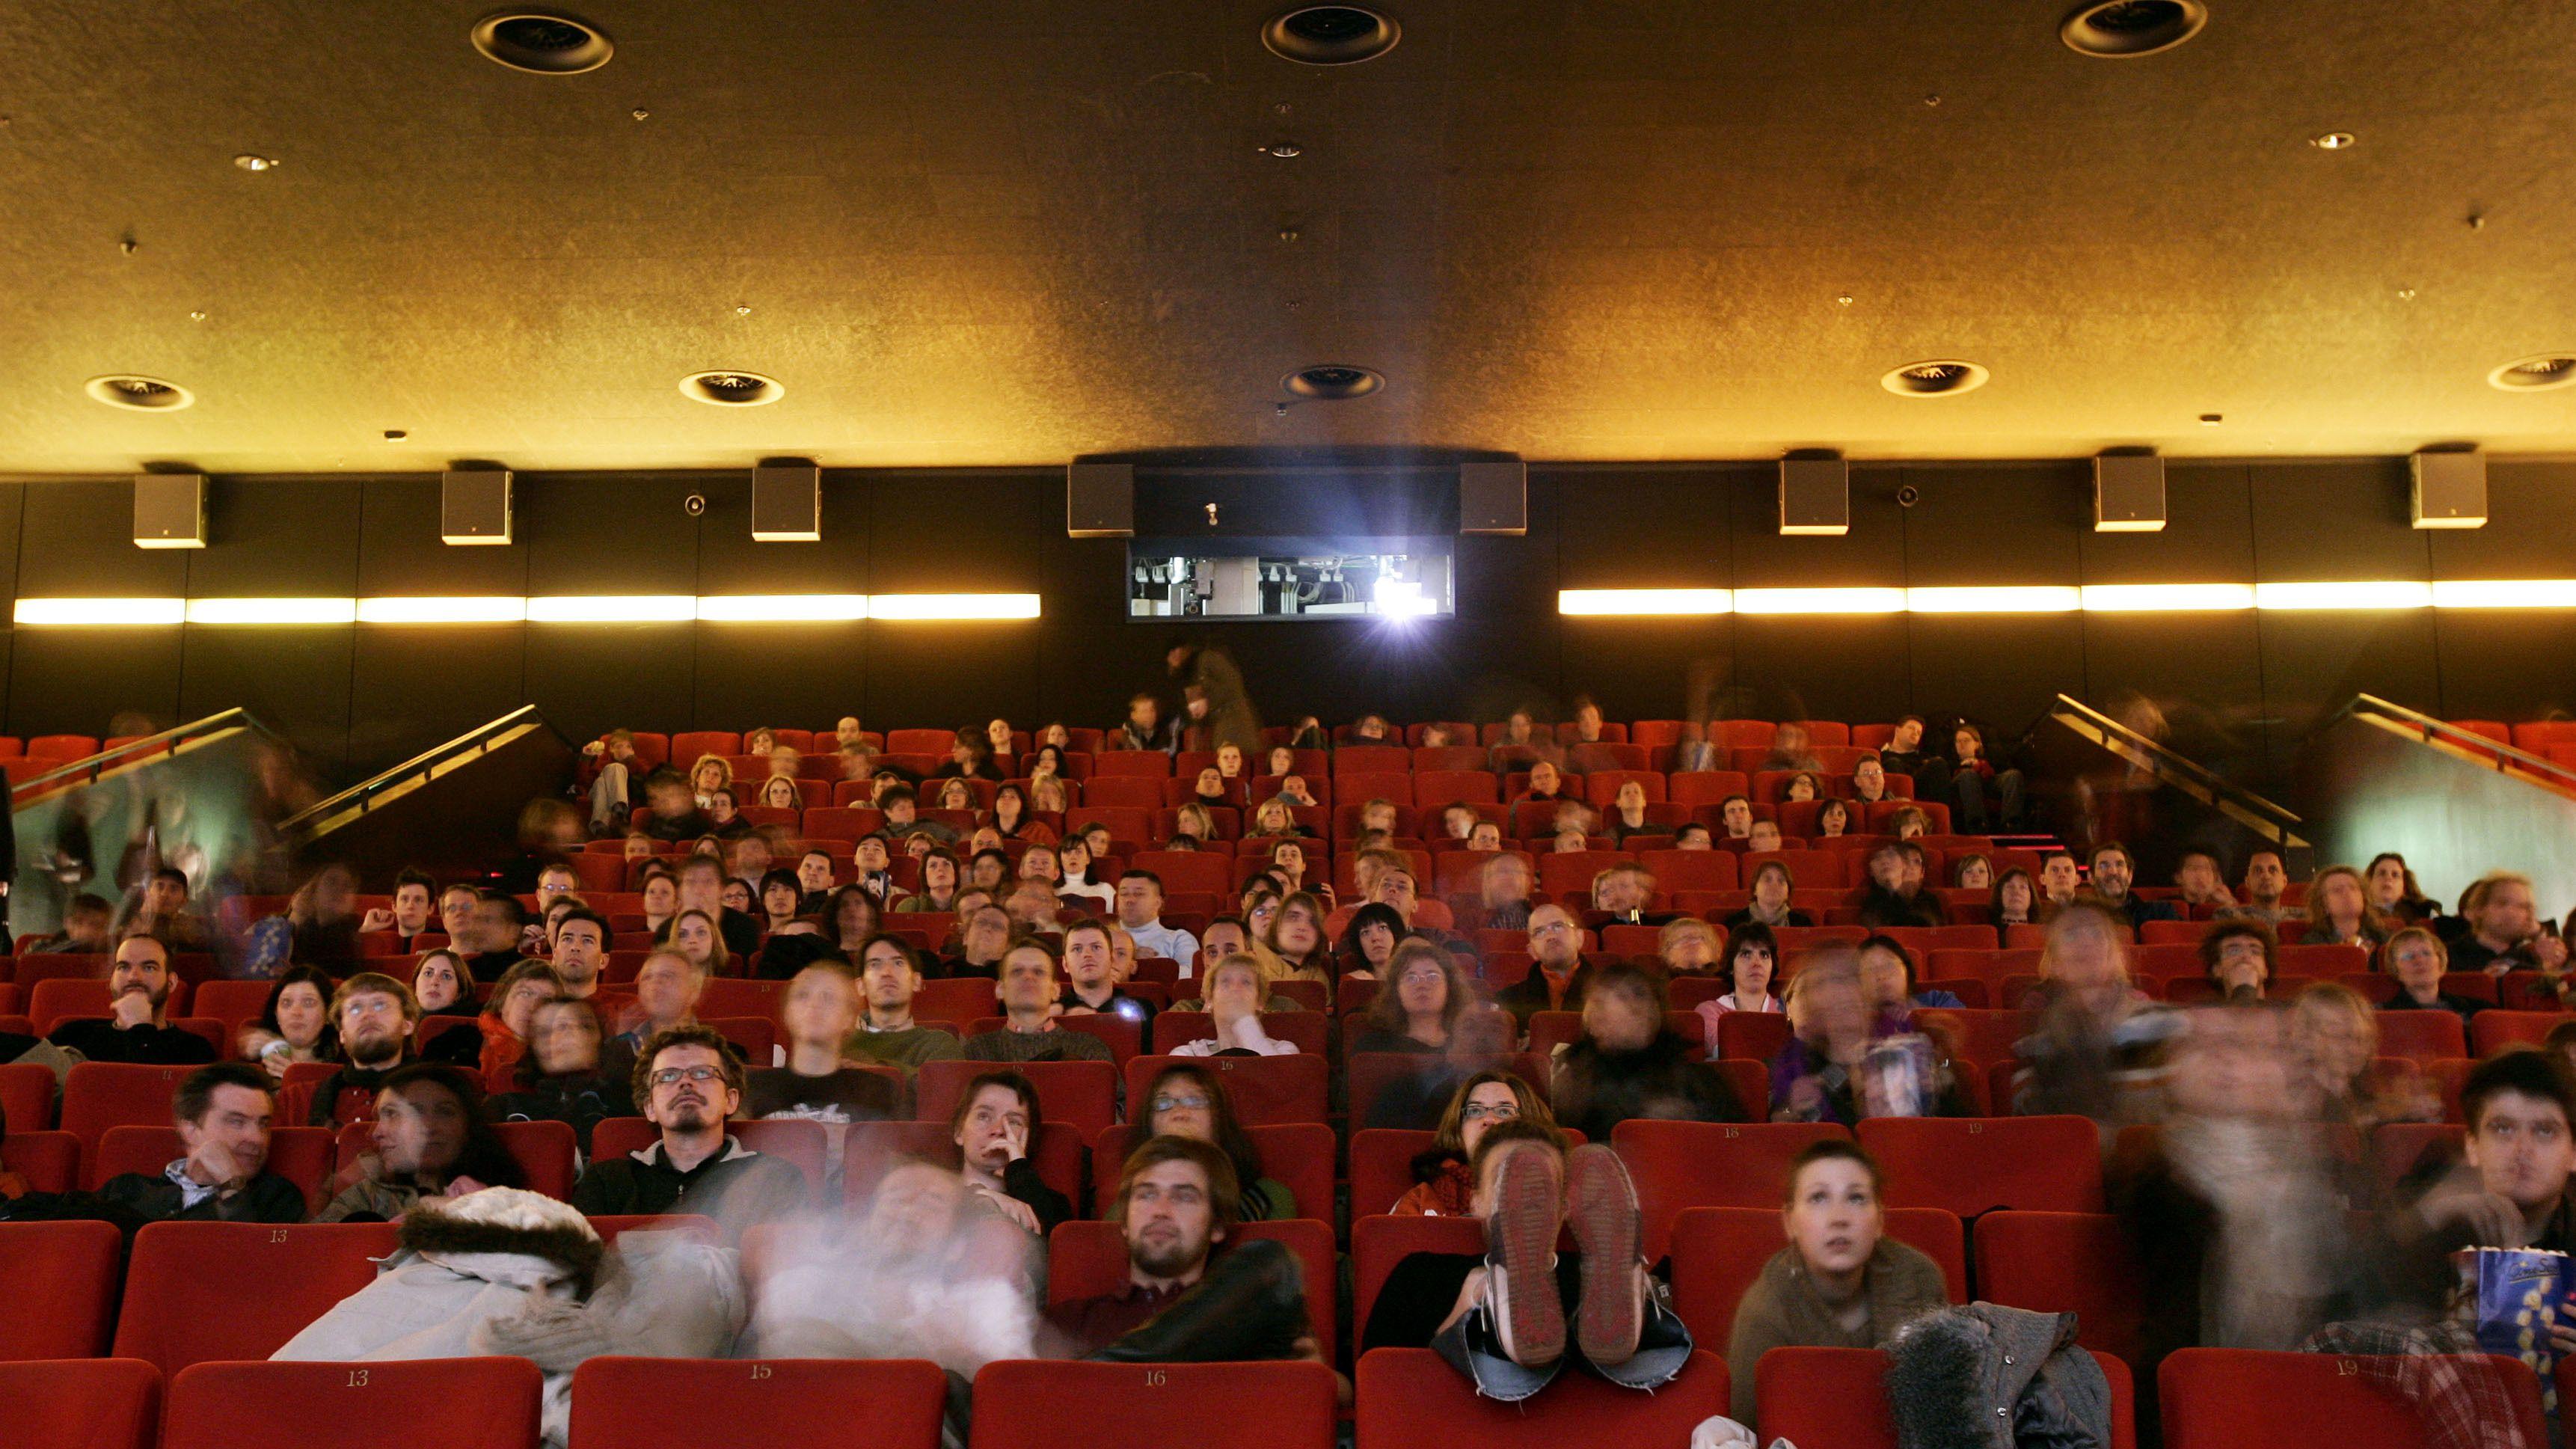 Voller Kinosaal: Mehrere Besucher schauen auf eine Kino-Leinwand